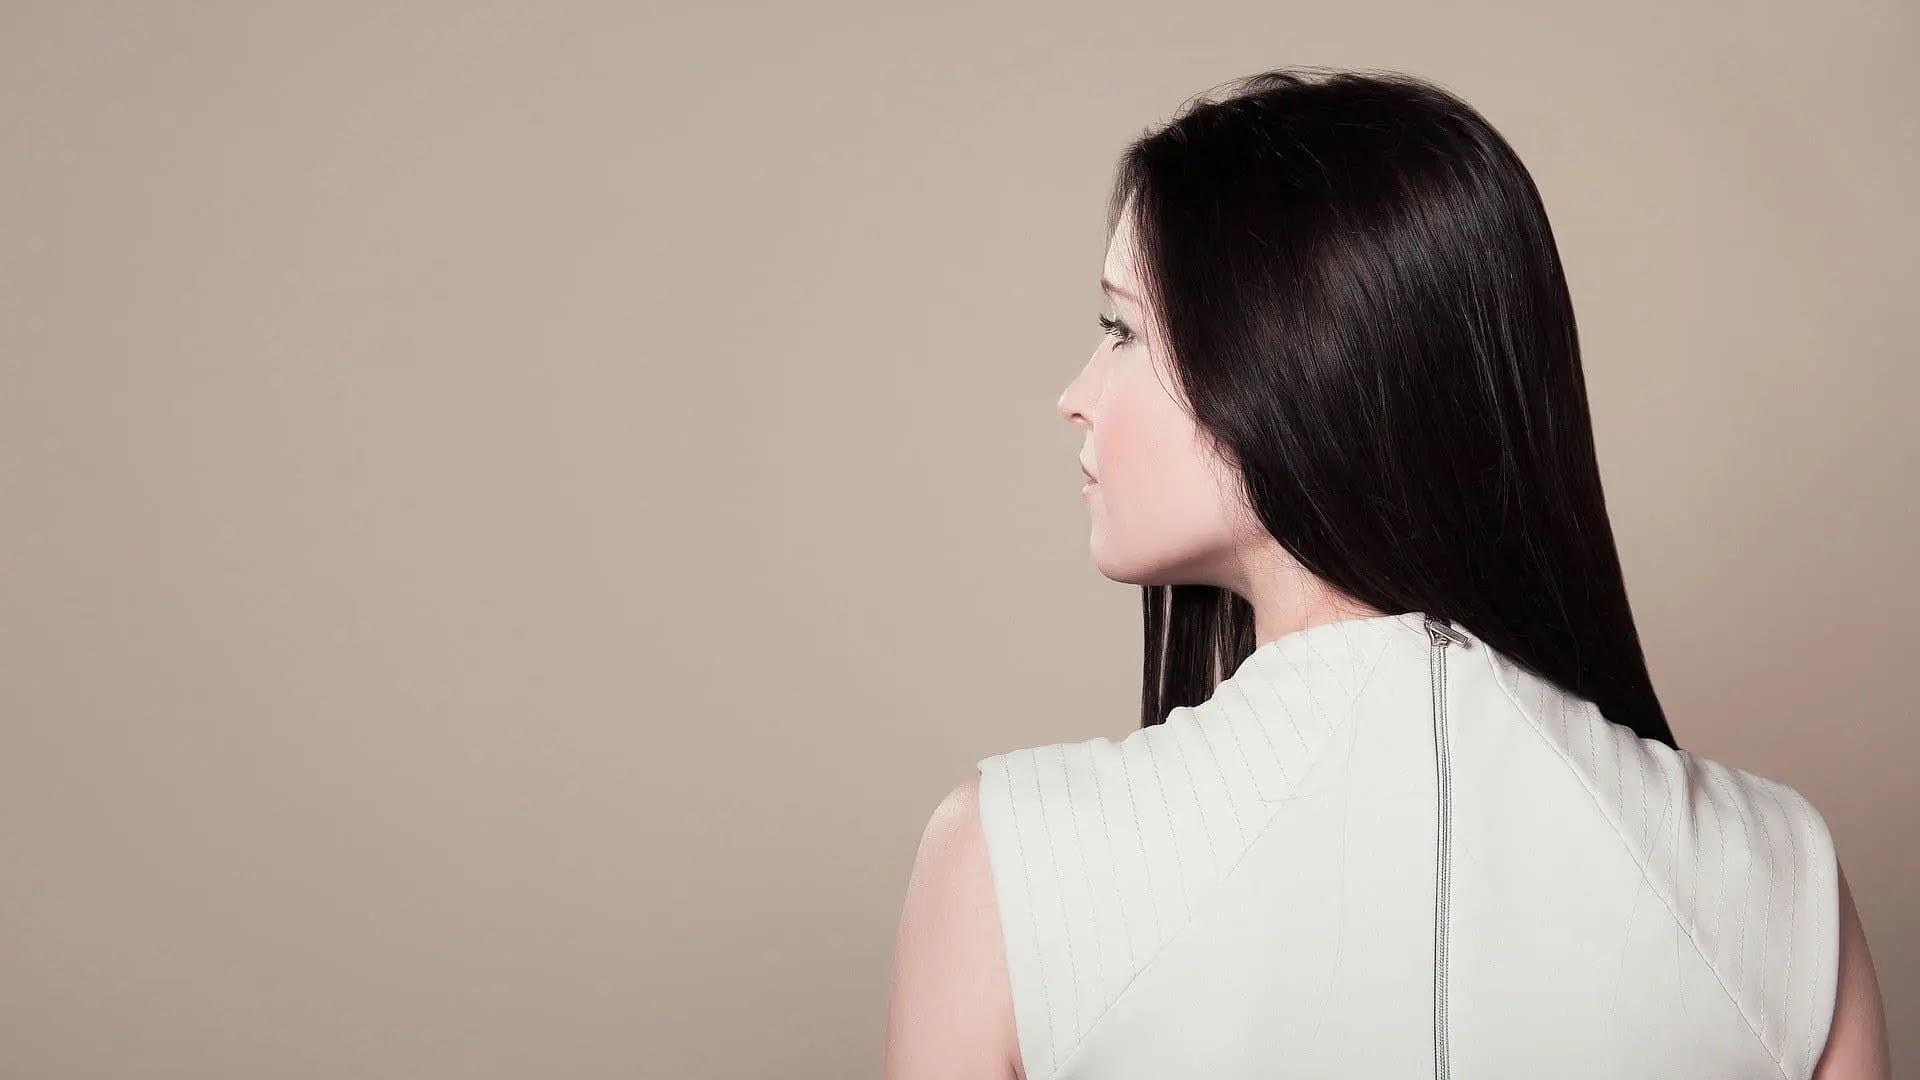 7 وصفات مجربة لتقوية الشعر واطالتة - نحو حياة افضل